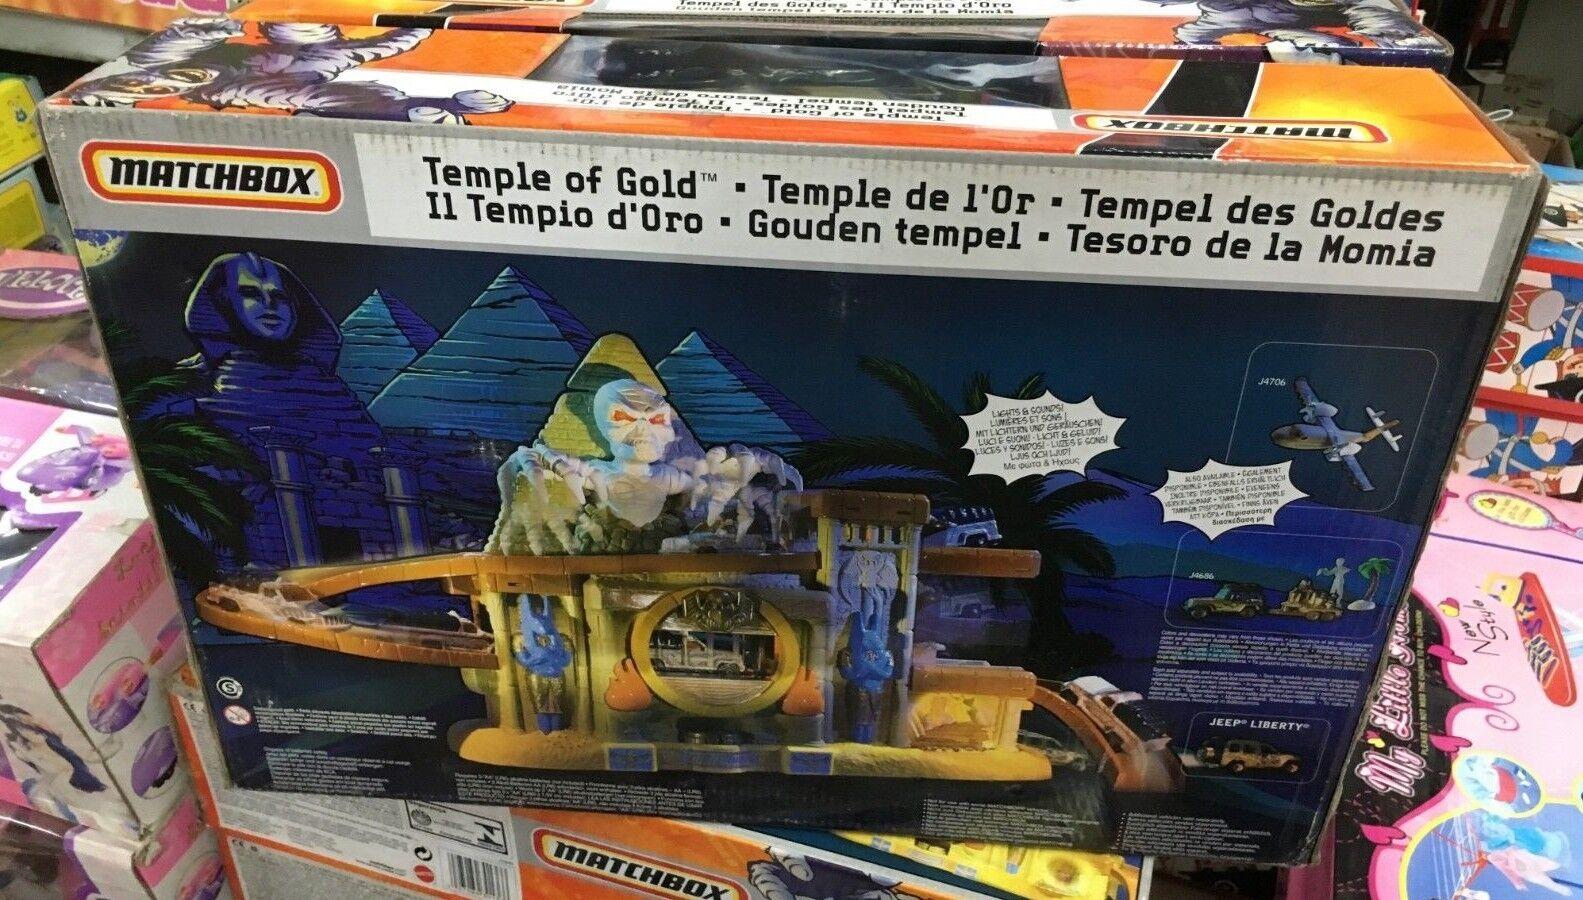 MATCHBOX PISTA PISTA PISTA IL TEMPIO D'gold con luci e suoni 920acc